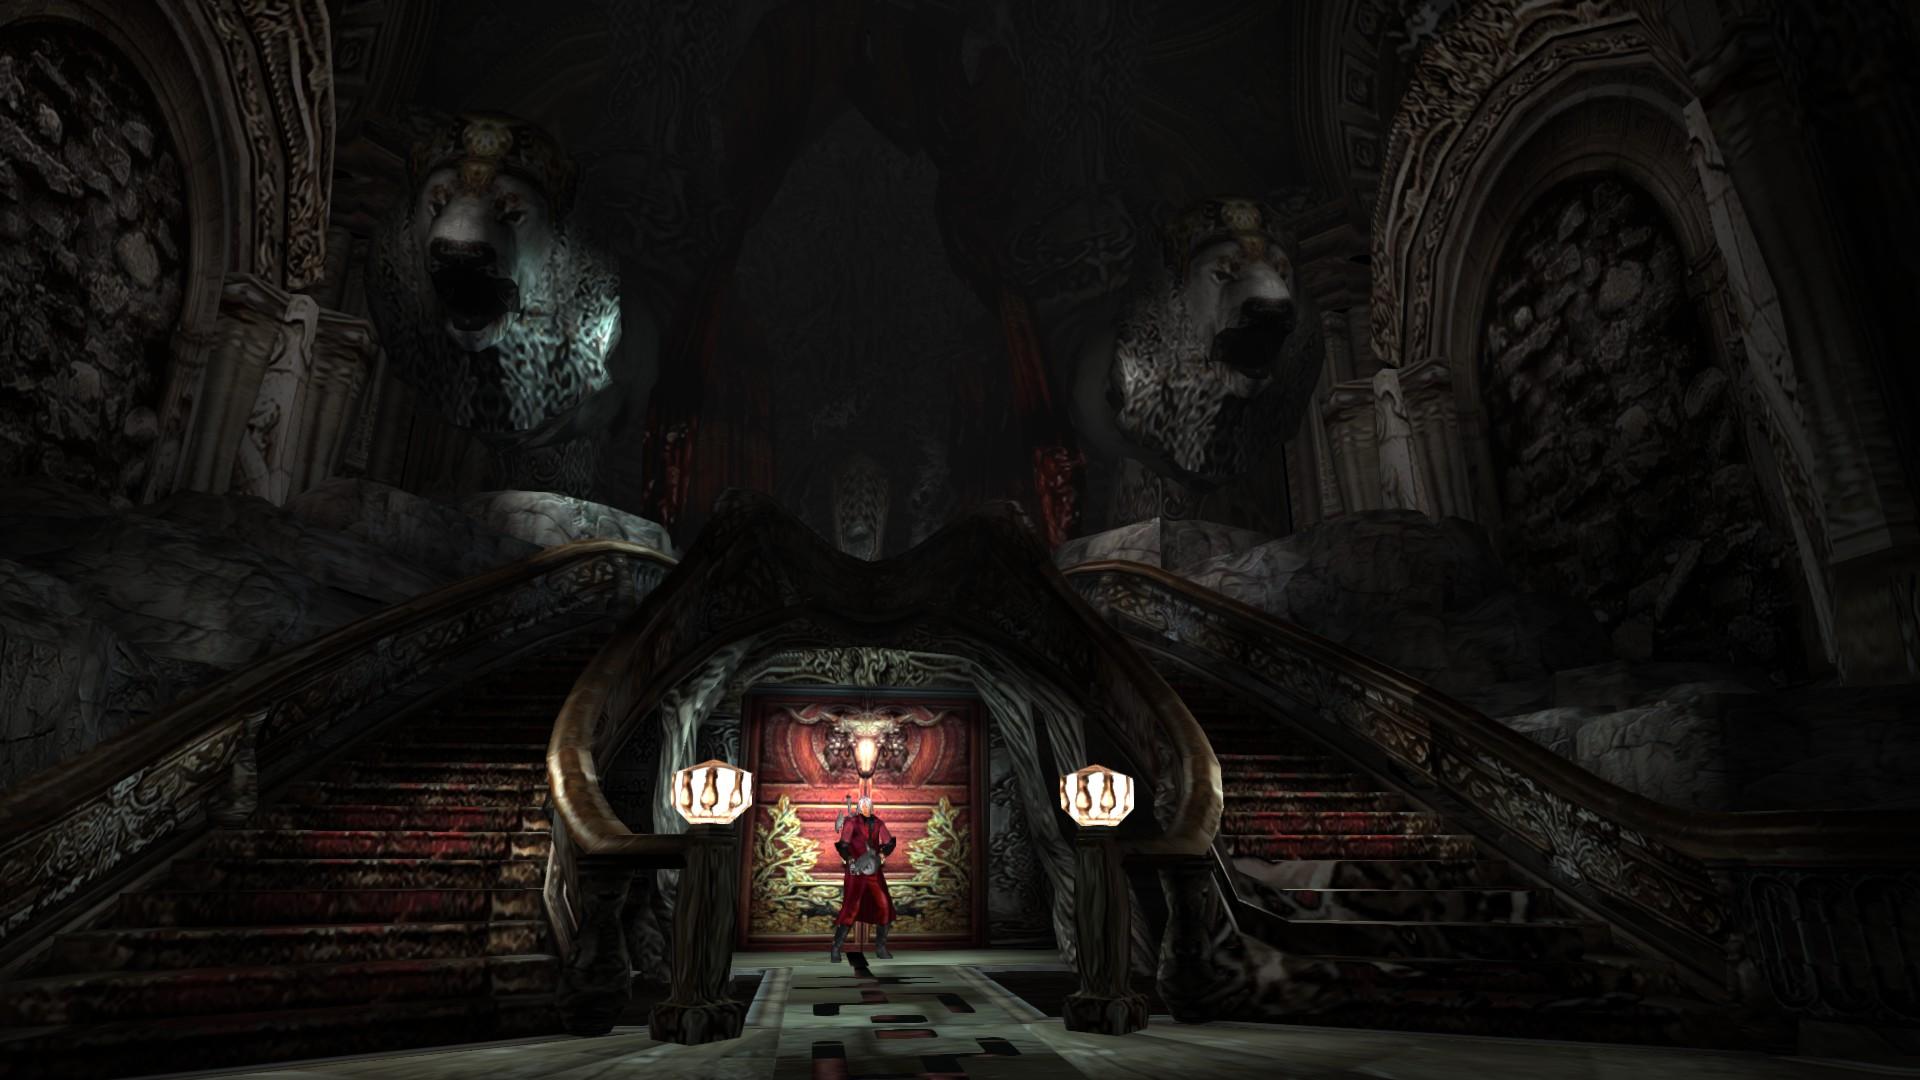 Пост-прохождение Devil May Cry Часть 6. - Изображение 43